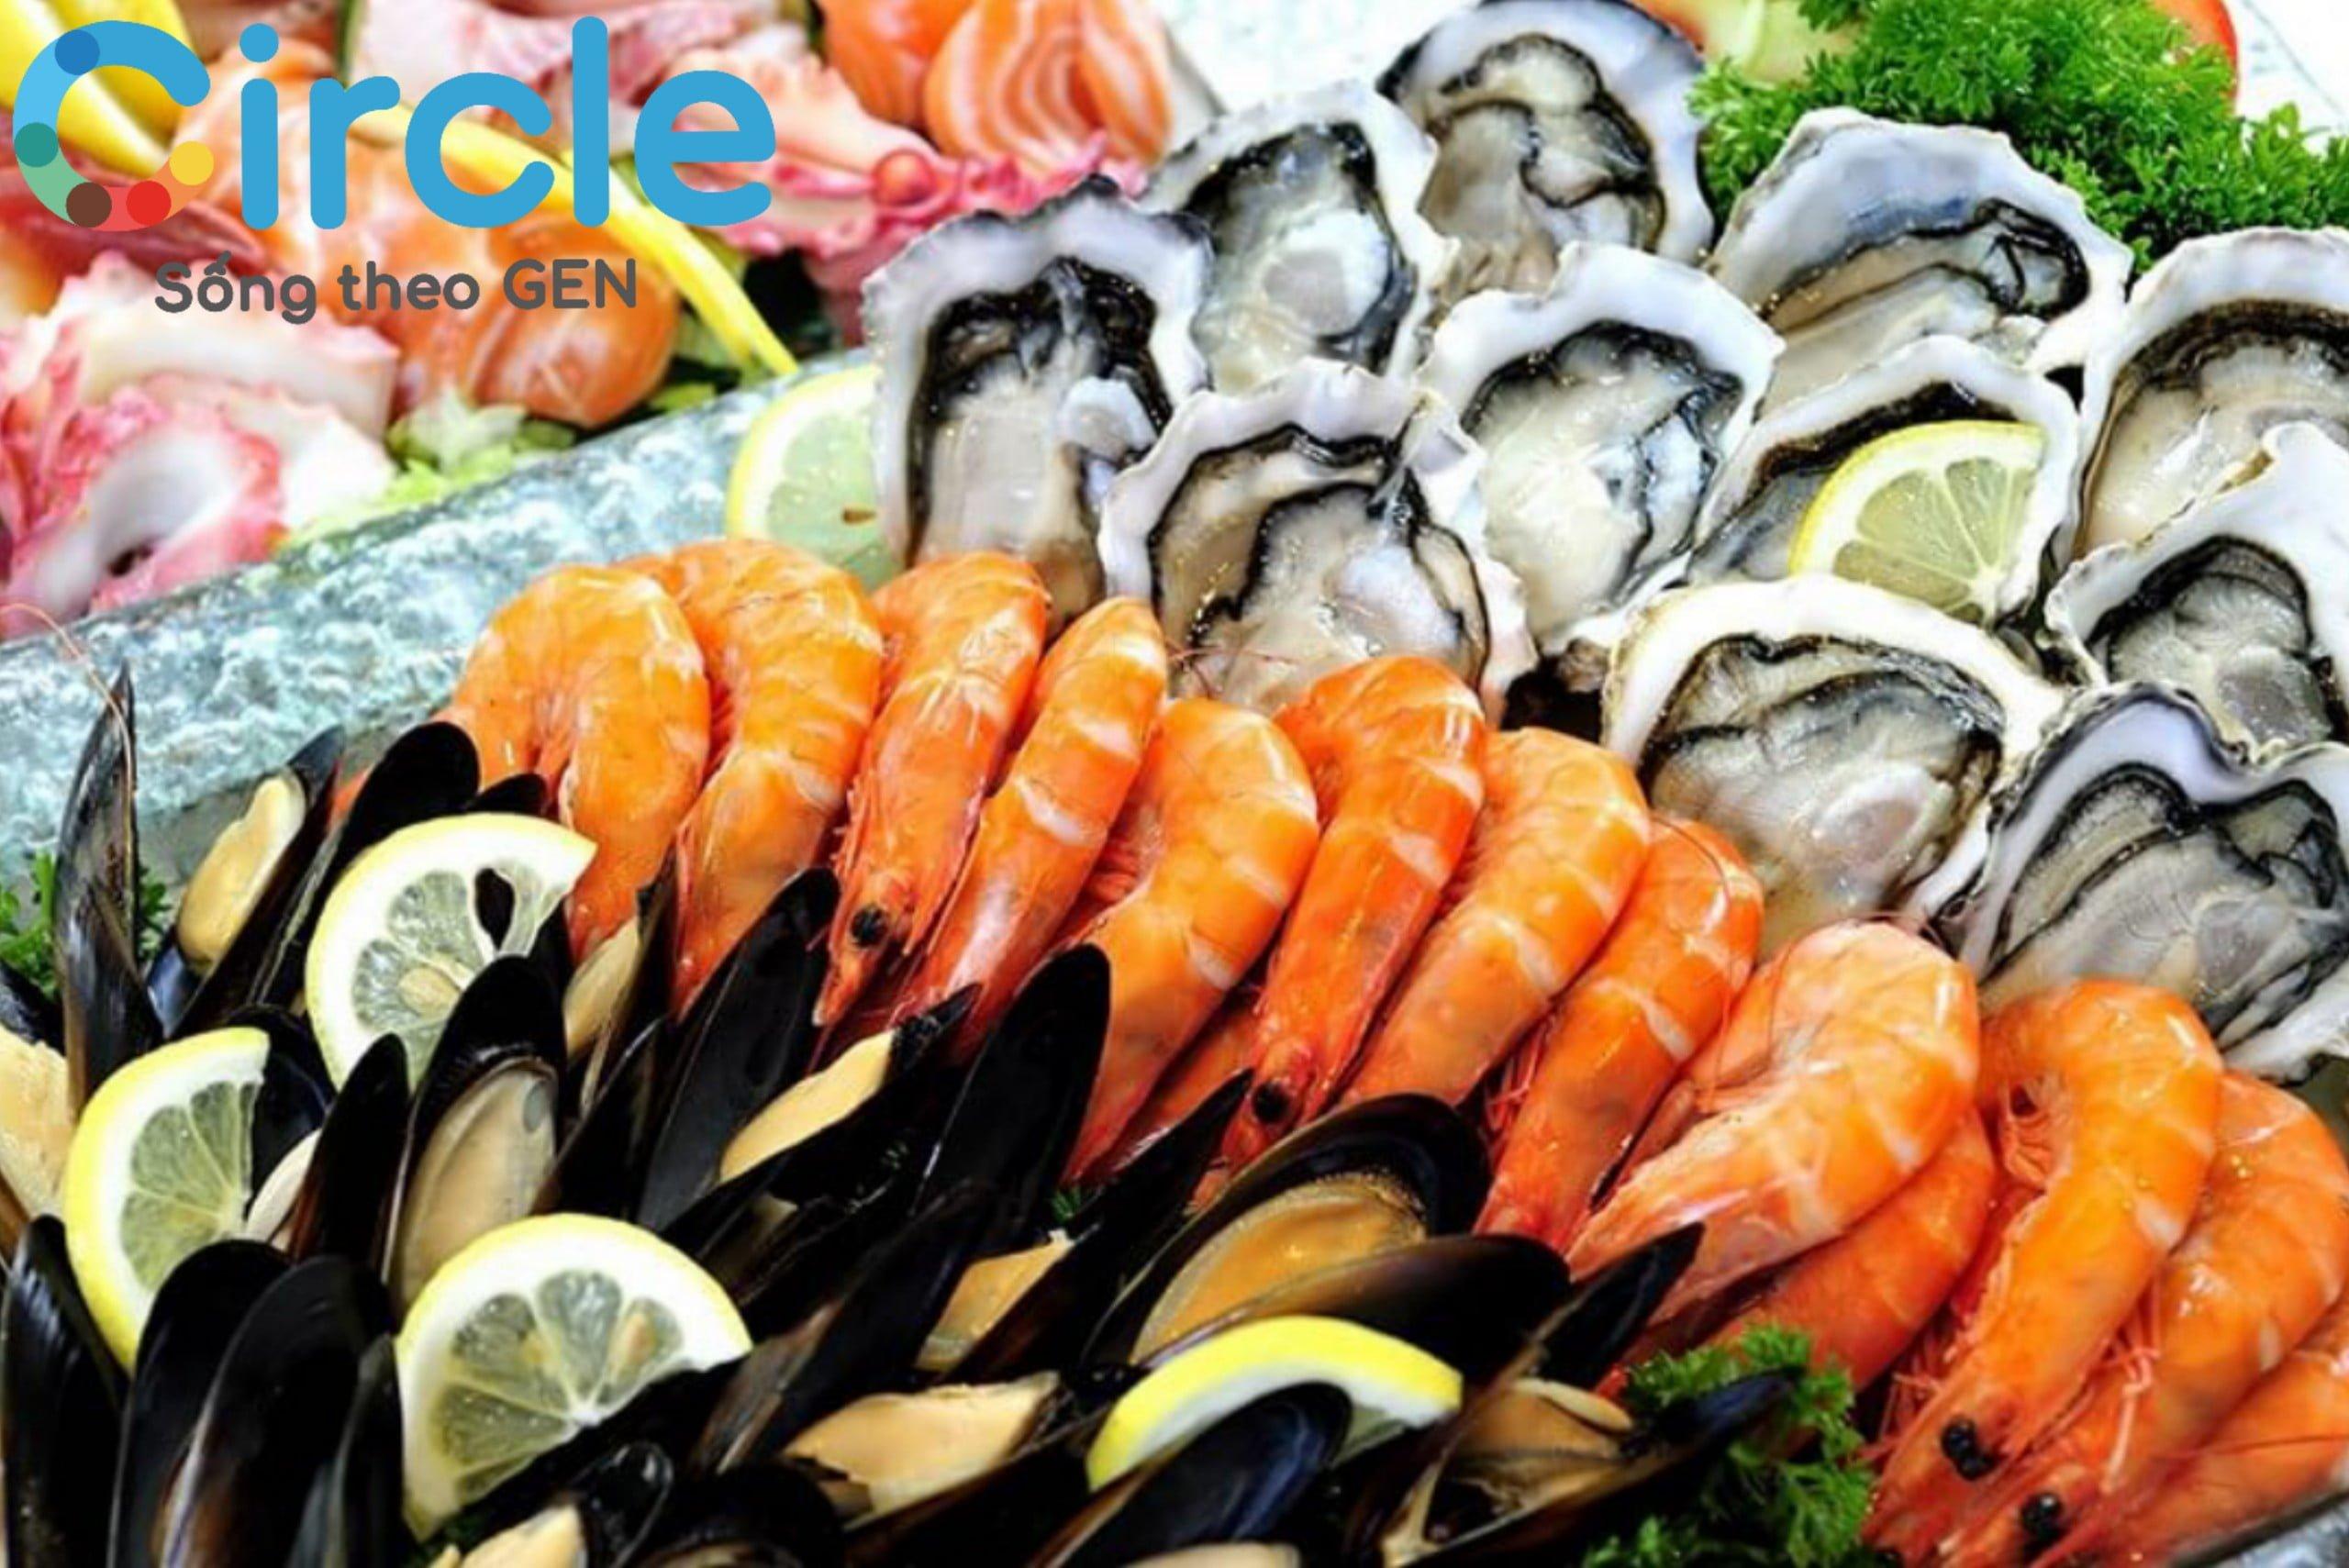 Hải sản rất giàu đạm và canxi, nhưng đây là loại thực phẩm dễ gây dị ứng, không nên có trong chế độ ăn cho trẻ dưới 1 tuổi.